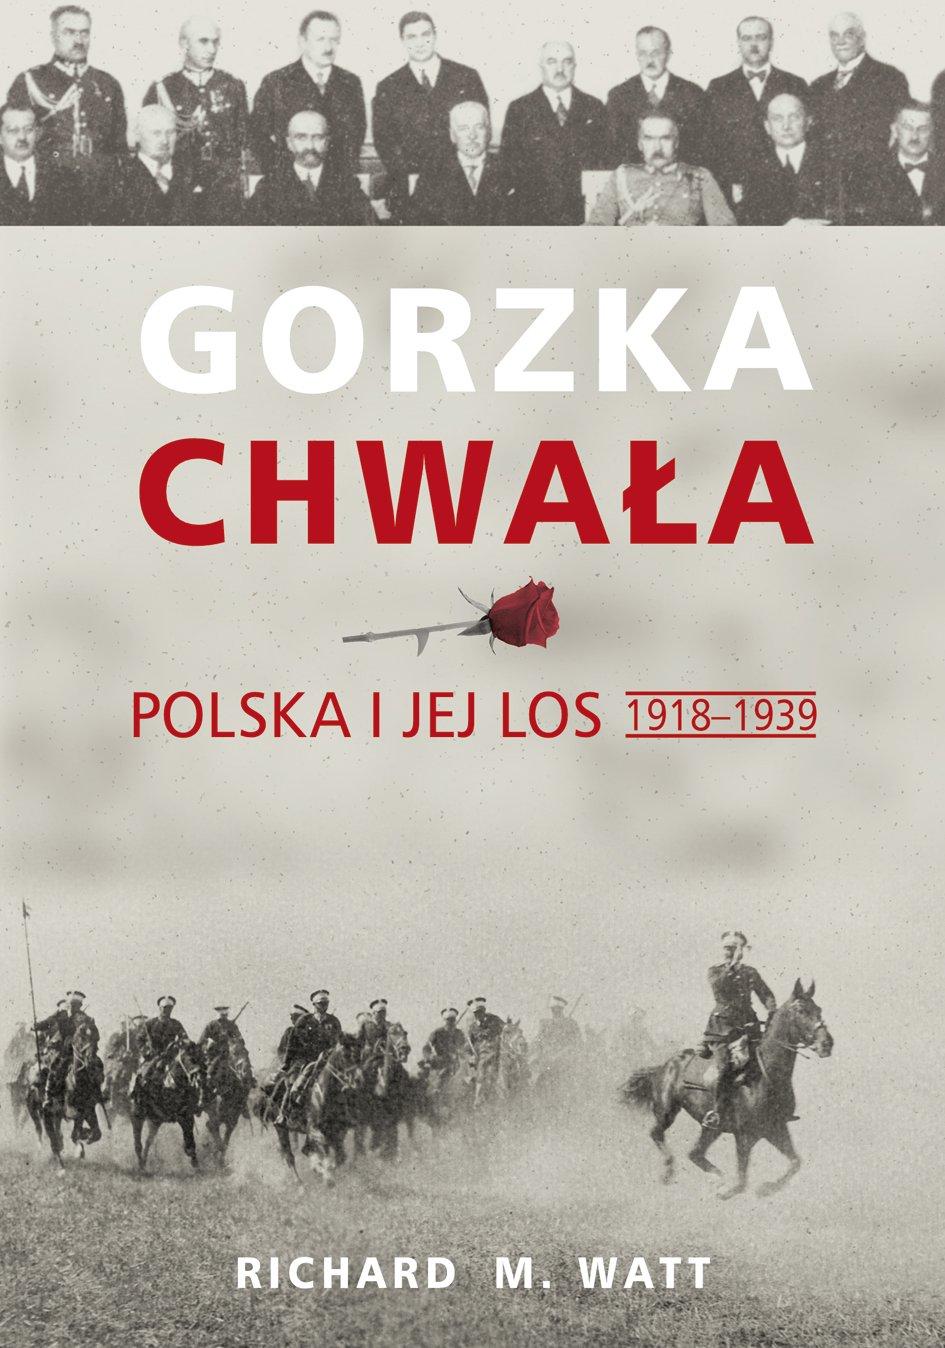 Gorzka chwała. Polska i jej los 1918-1939 - Ebook (Książka EPUB) do pobrania w formacie EPUB